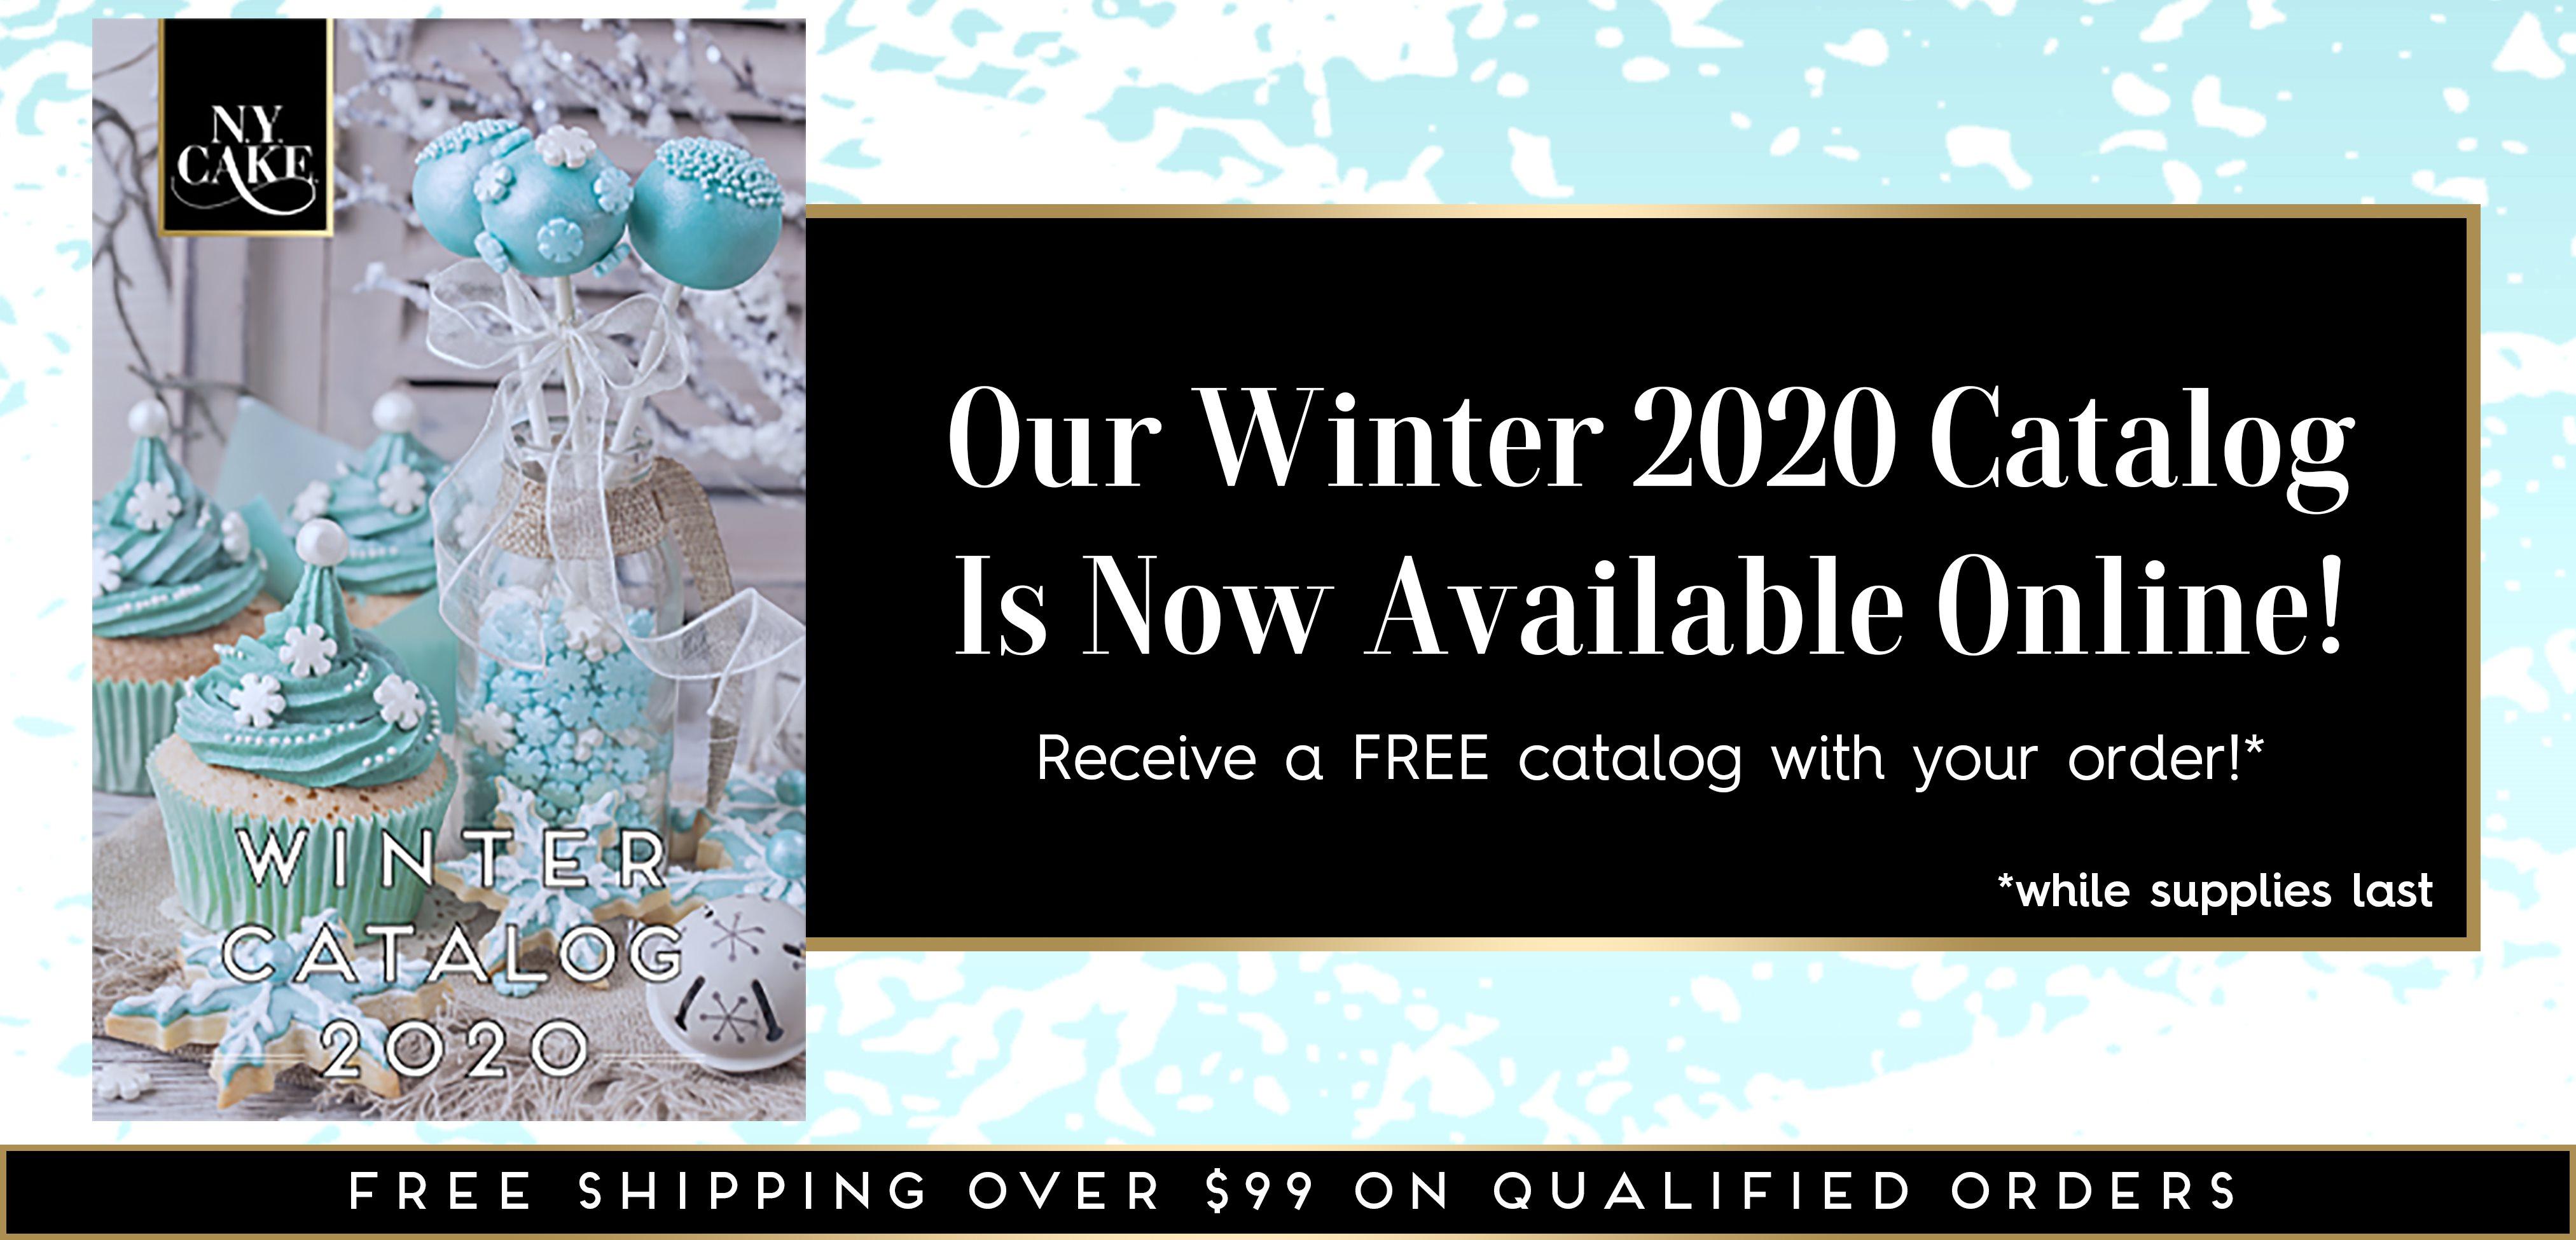 NY Cake Winter 2020 Product Catalog